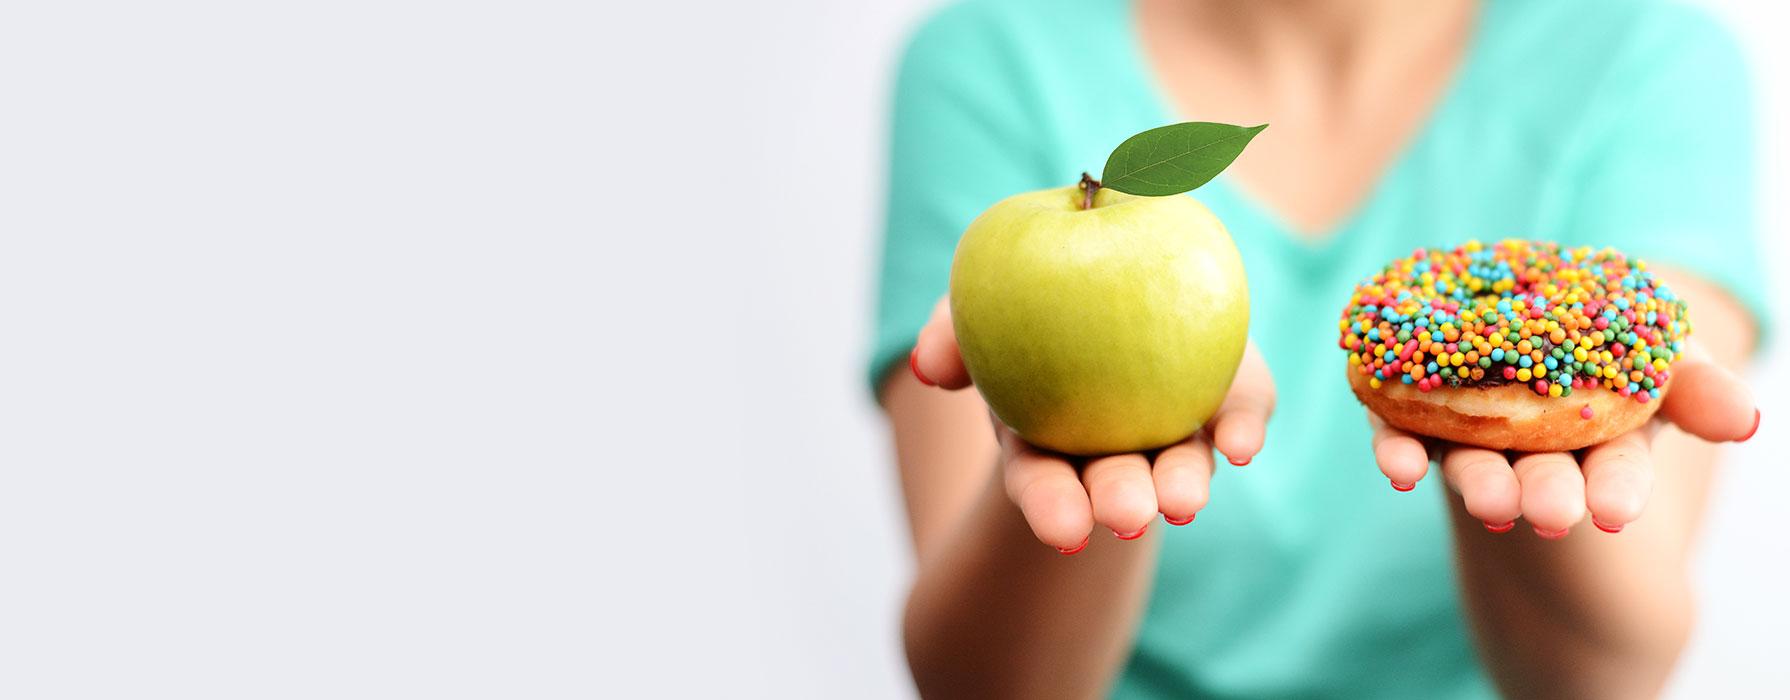 آیا در هنگام معاینه فیزیکی بیمار نشانه هایی از دیابت کتواسیدوز وجود دارد؟